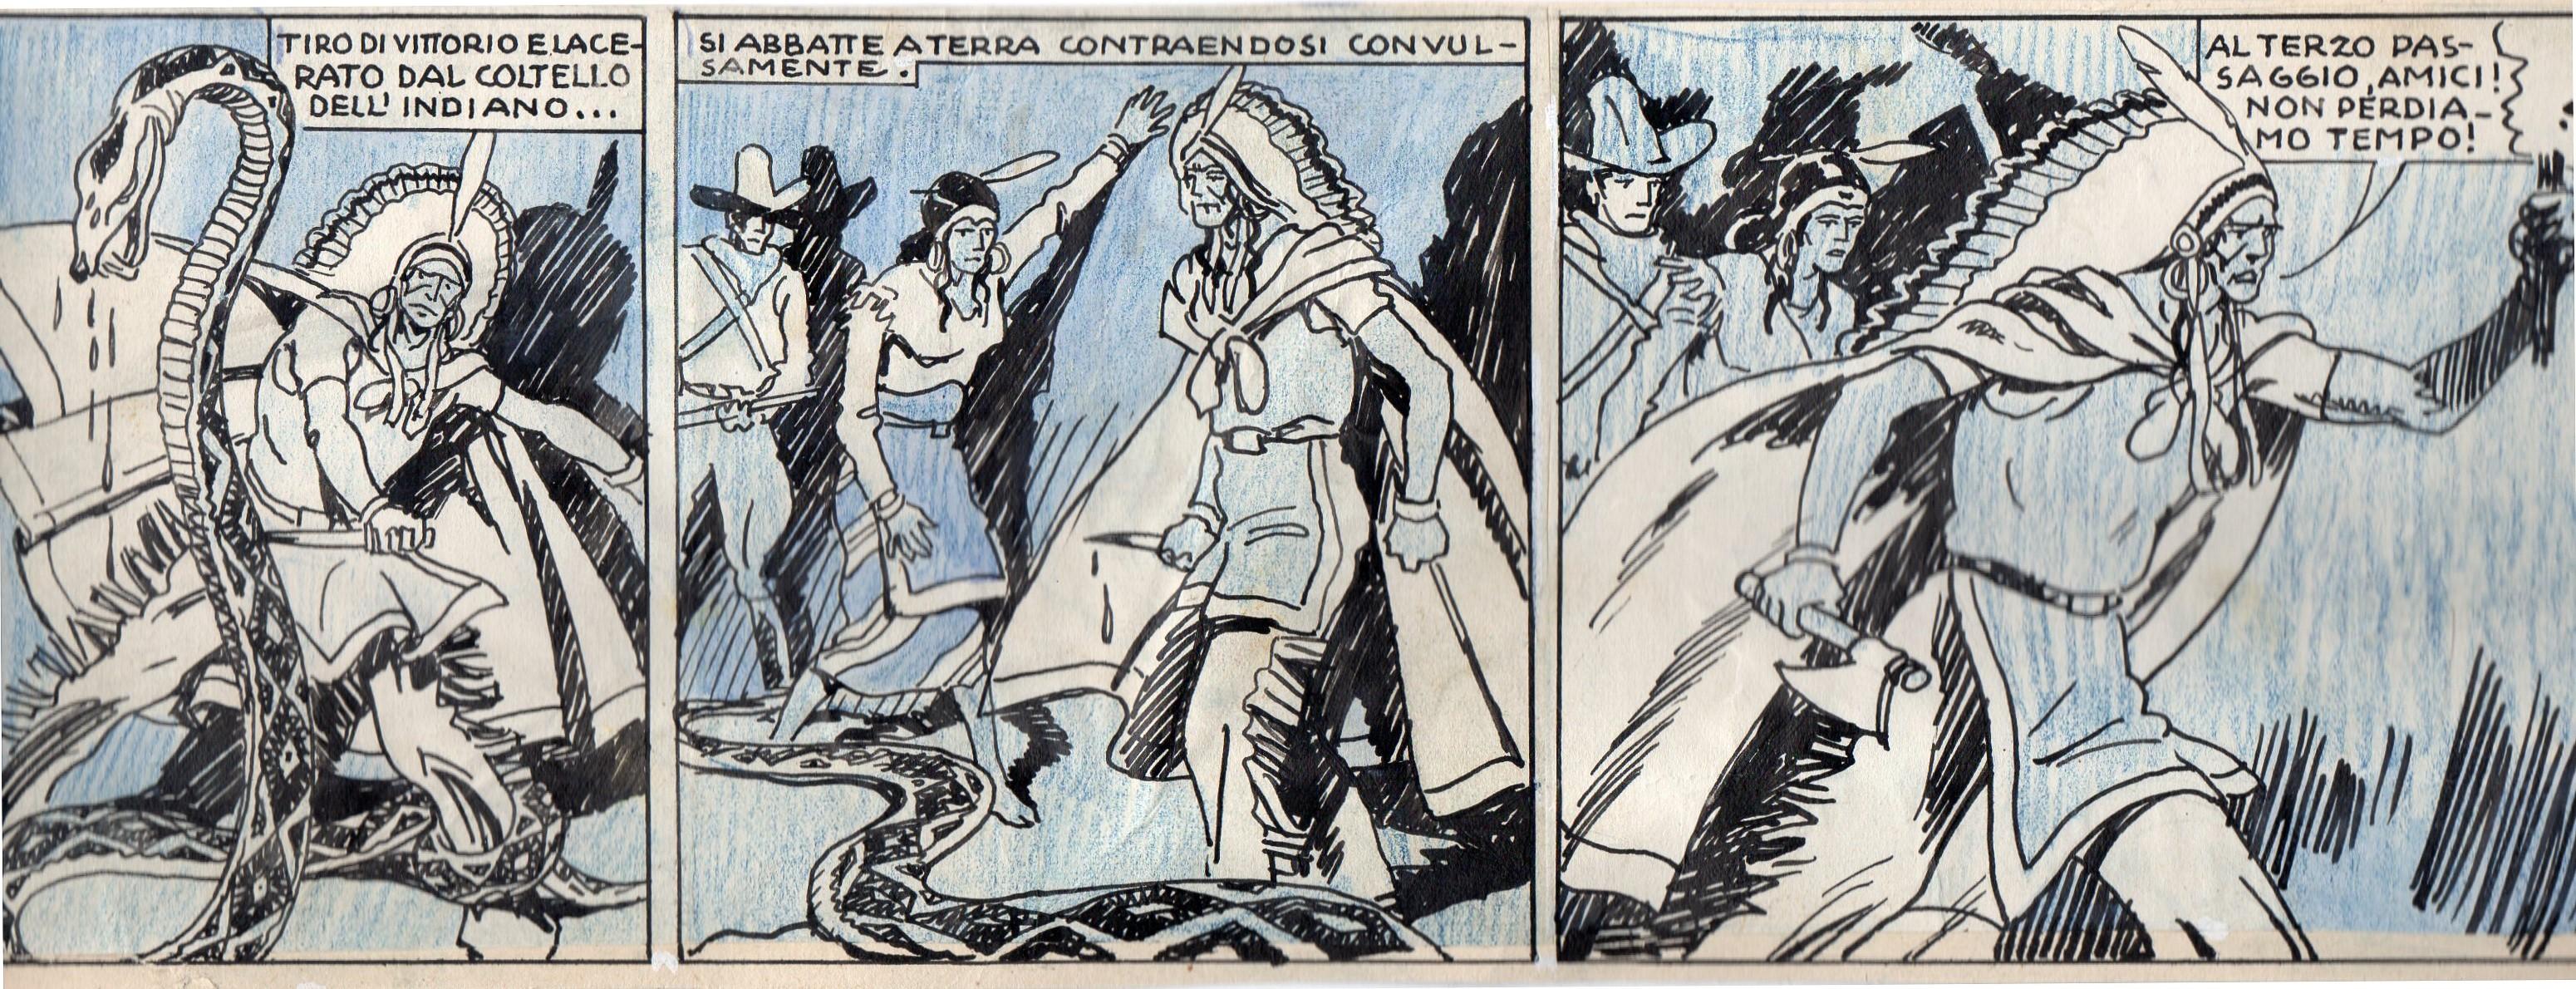 Fascismo & Fumetto: Ulceda, il western autarchico